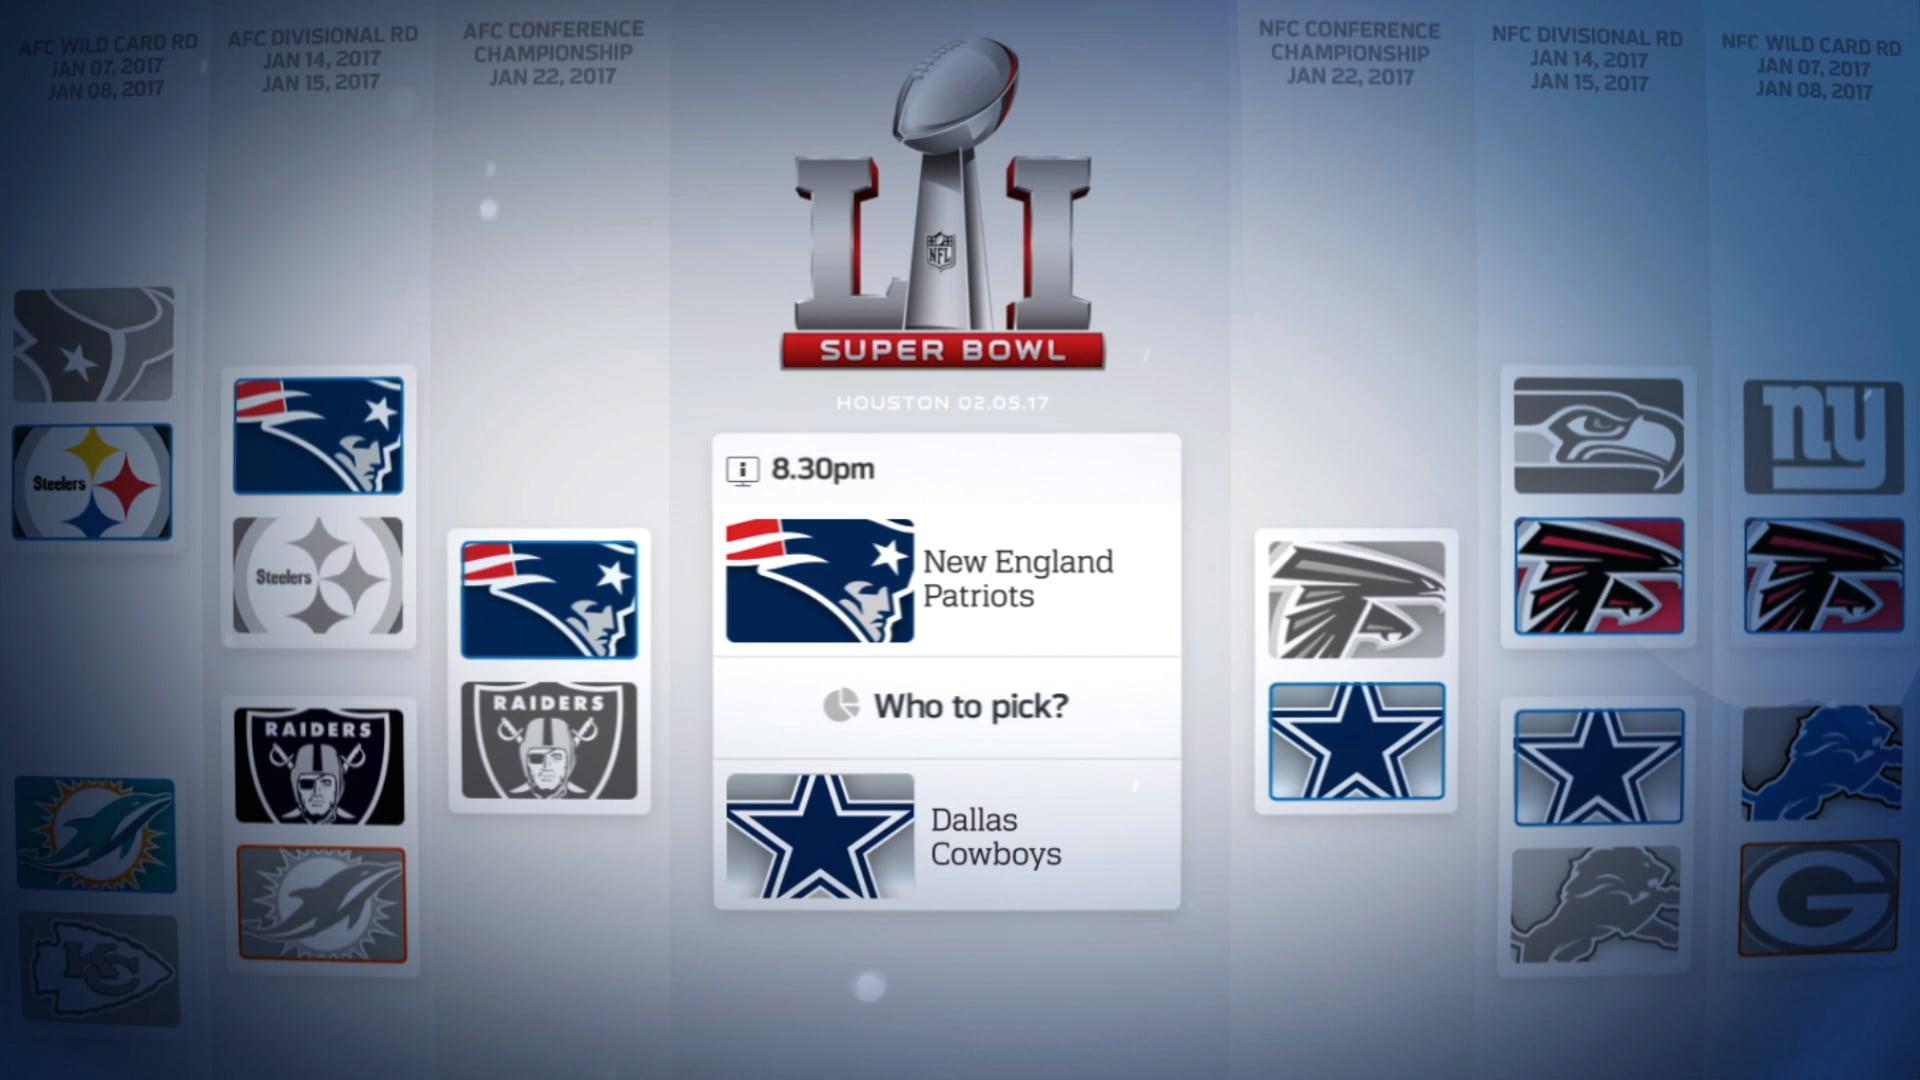 NFL Network Super Bowl Challenge